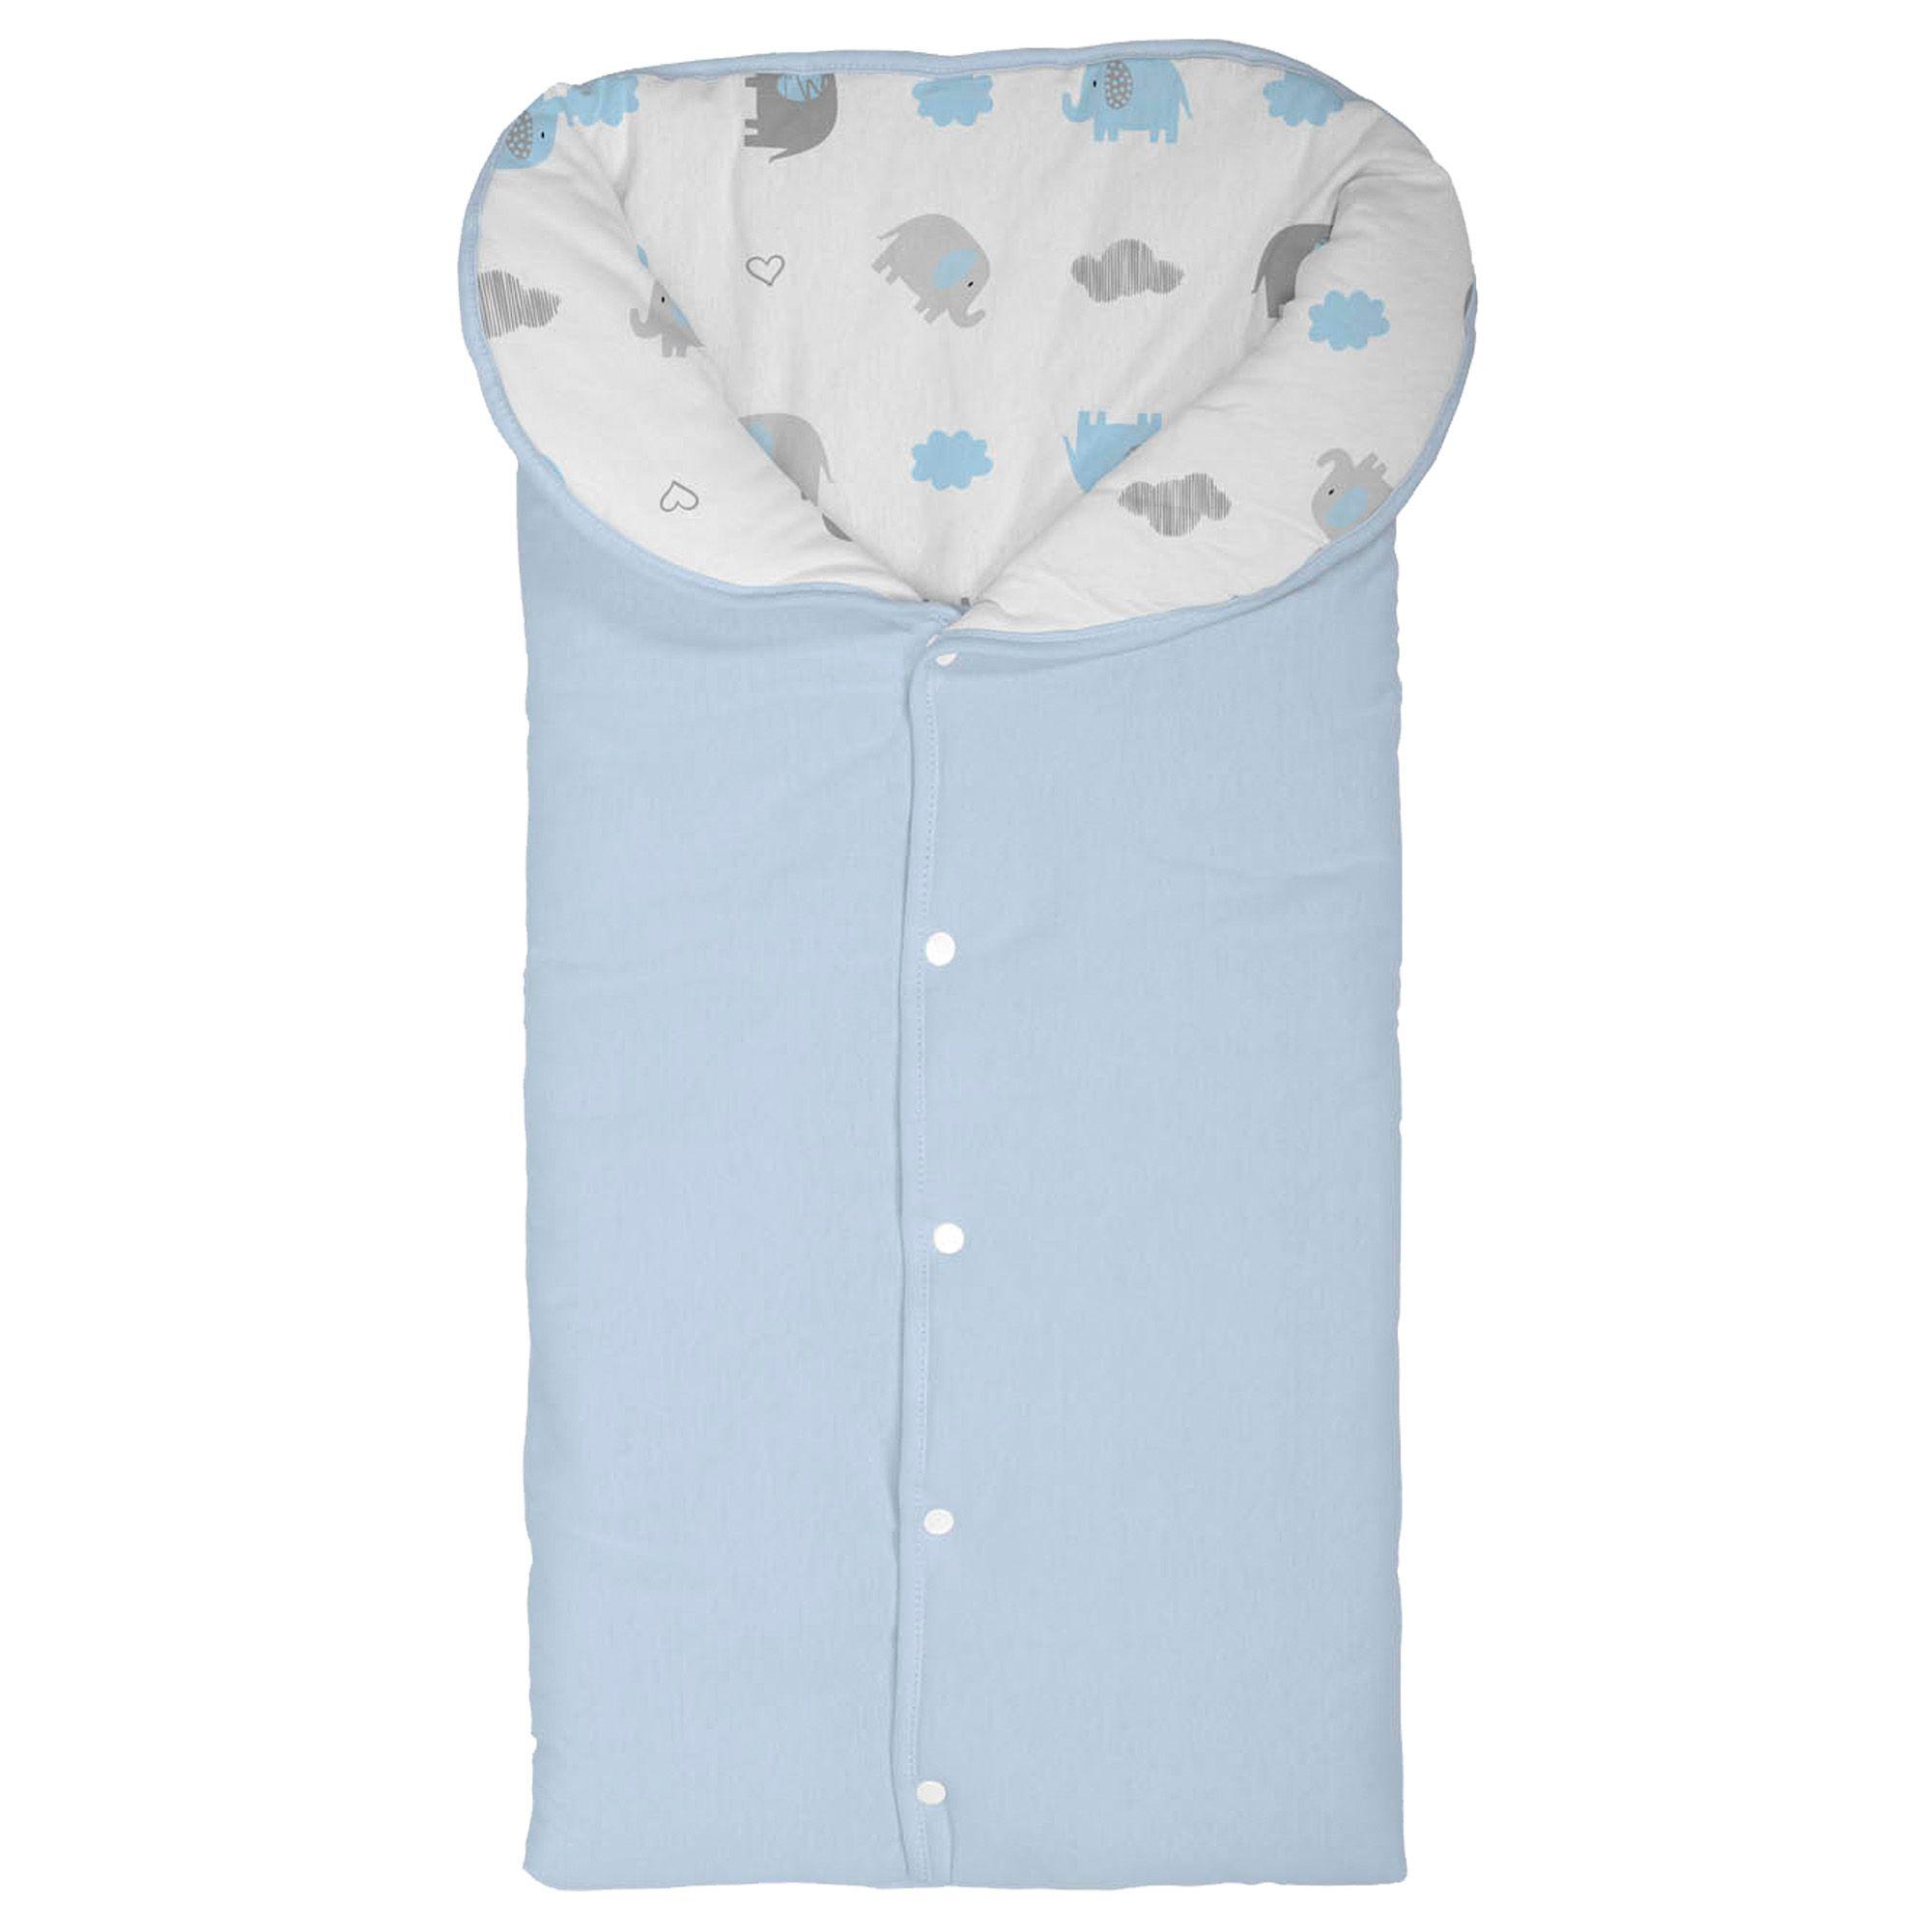 Porta Bebê Incomfral Bambi – Estampado Elefante - Azul Claro